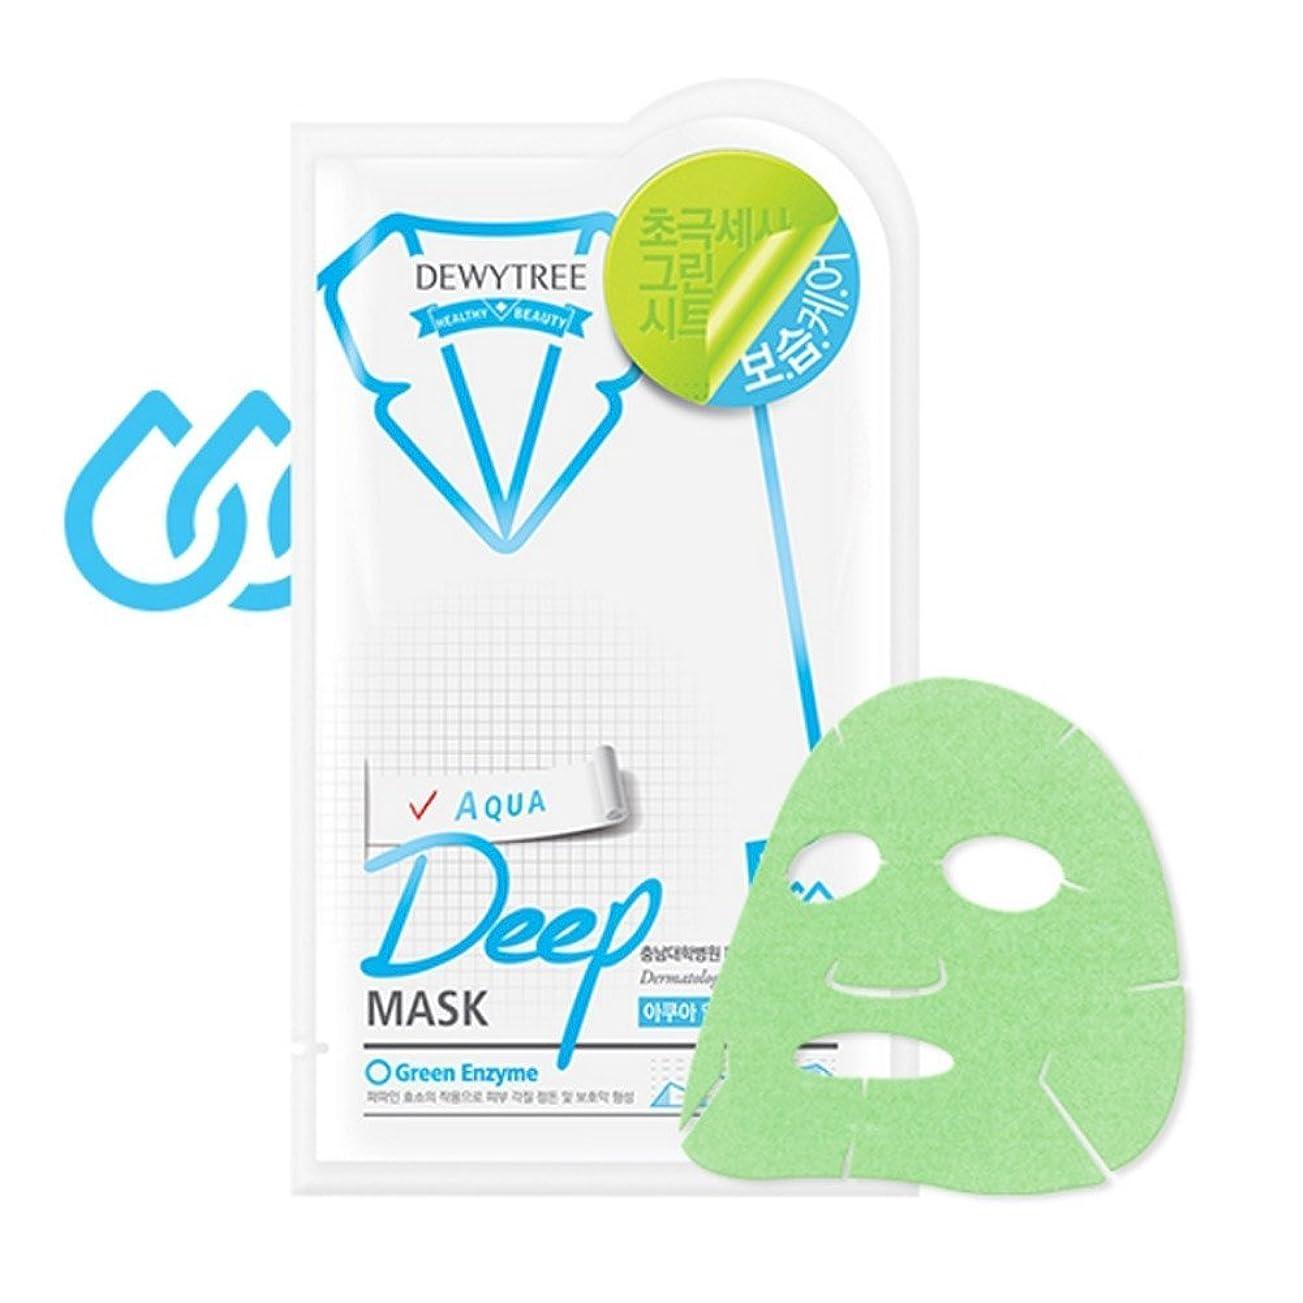 経験解釈的上げる[NEW] DEWYTREE Aqua Deep Mask 27ml × 10 Sheets/デュイツリー アクア ディープ マスク 27ml × 10枚